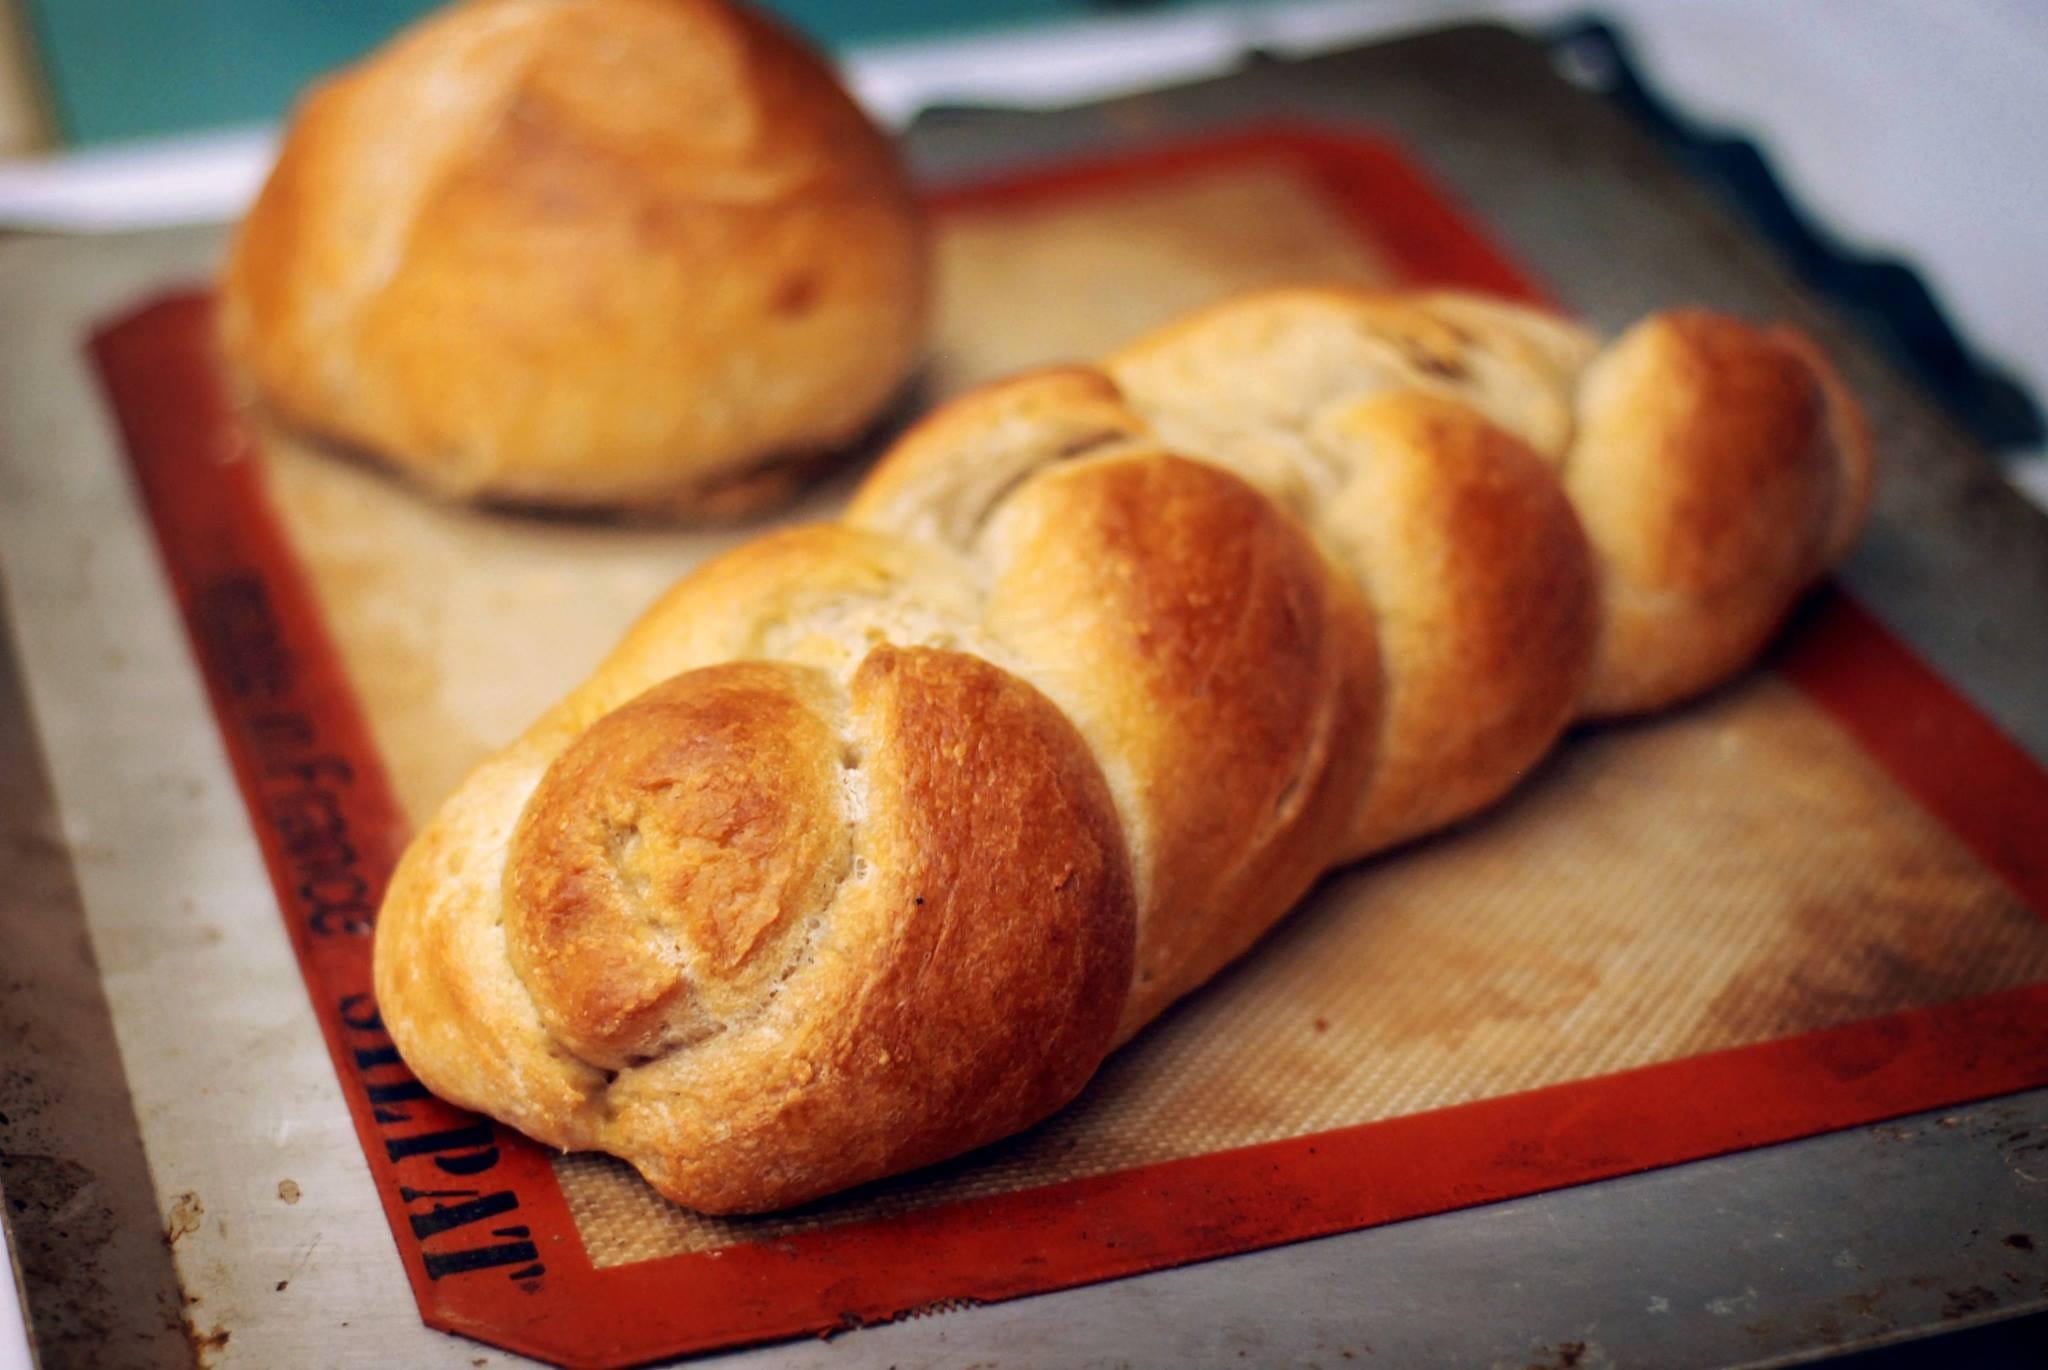 A simple braided challah bread.